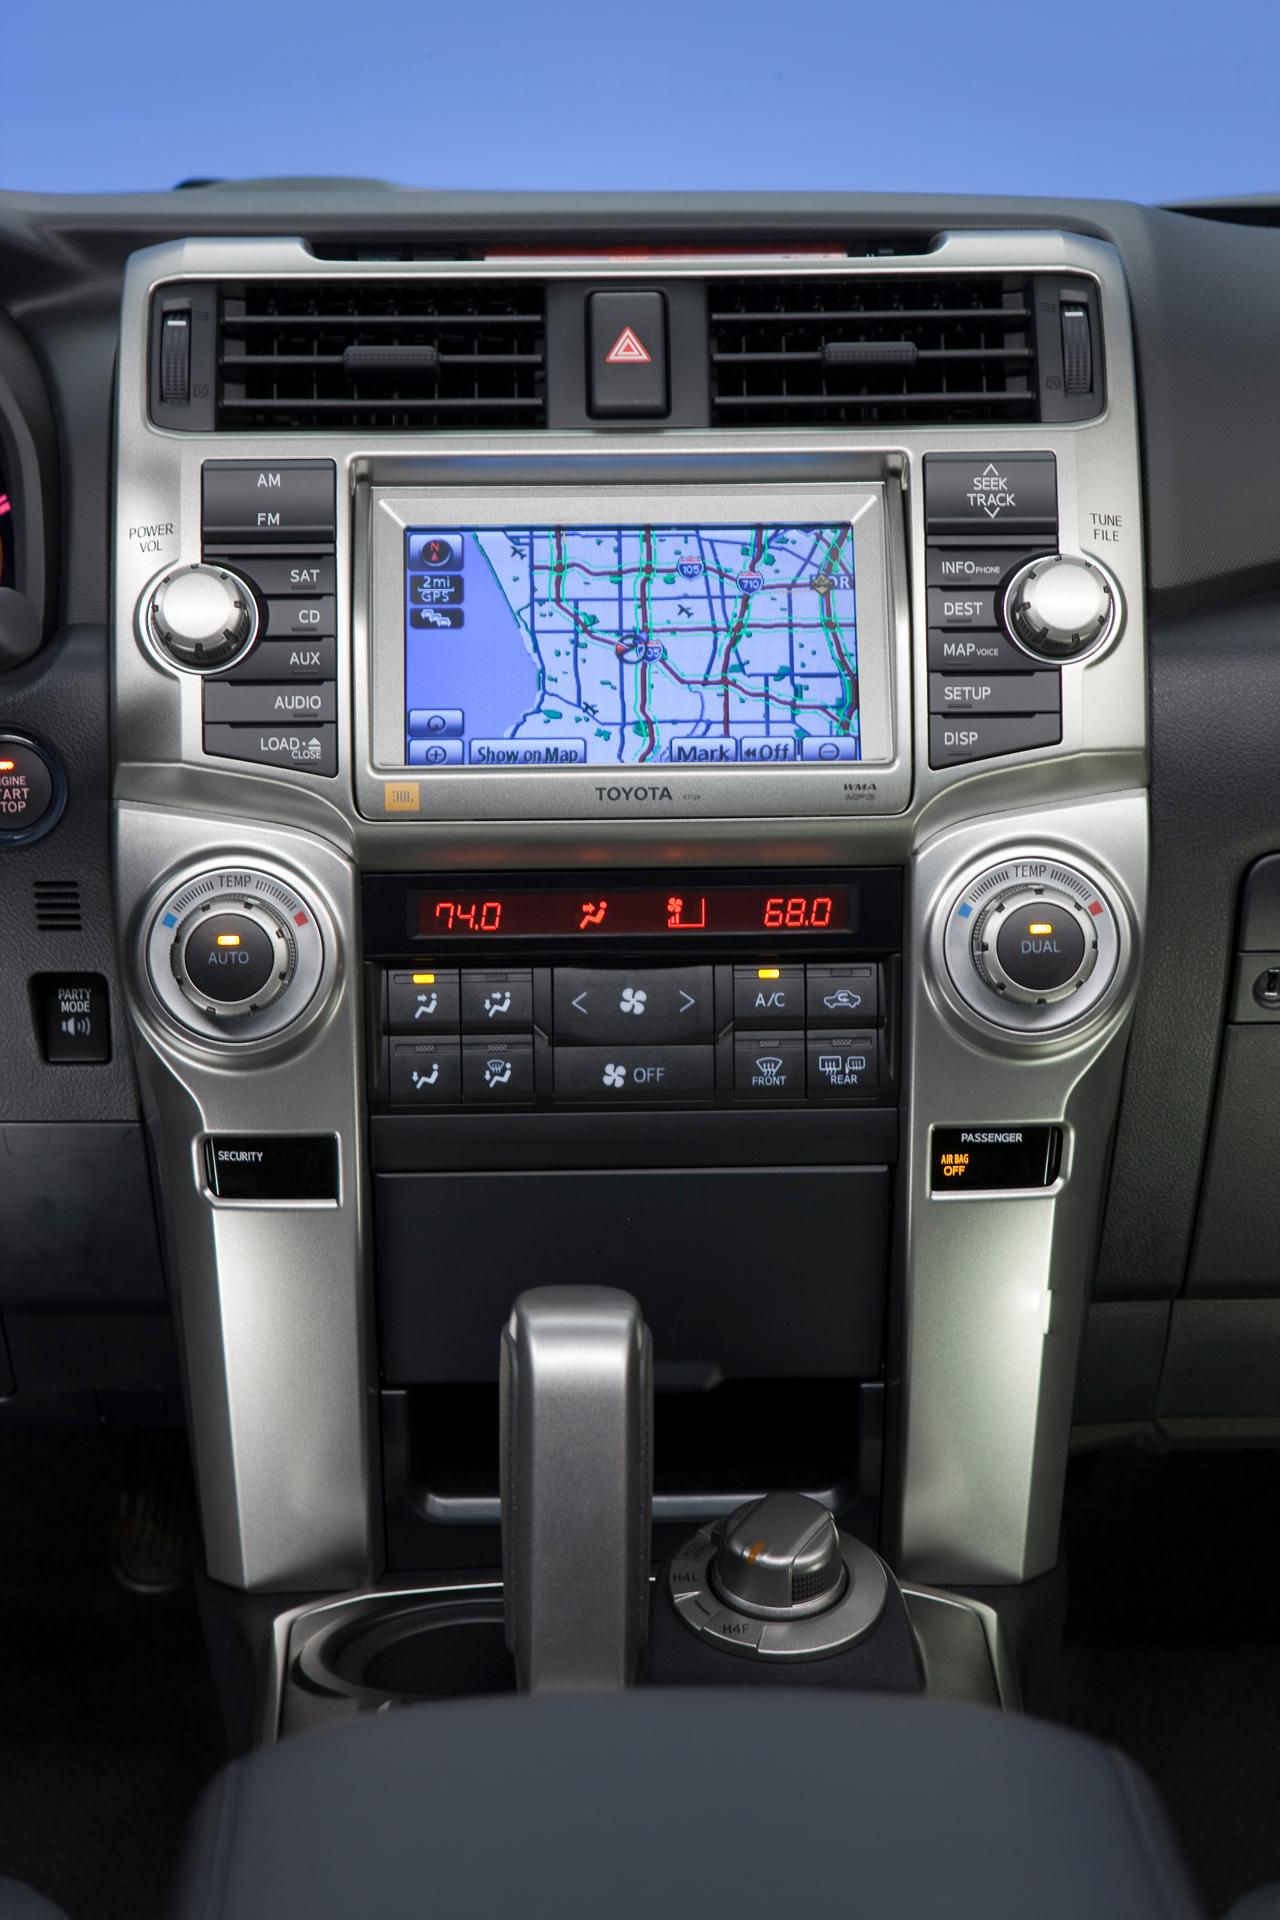 2010 Toyota 4runner Revealed